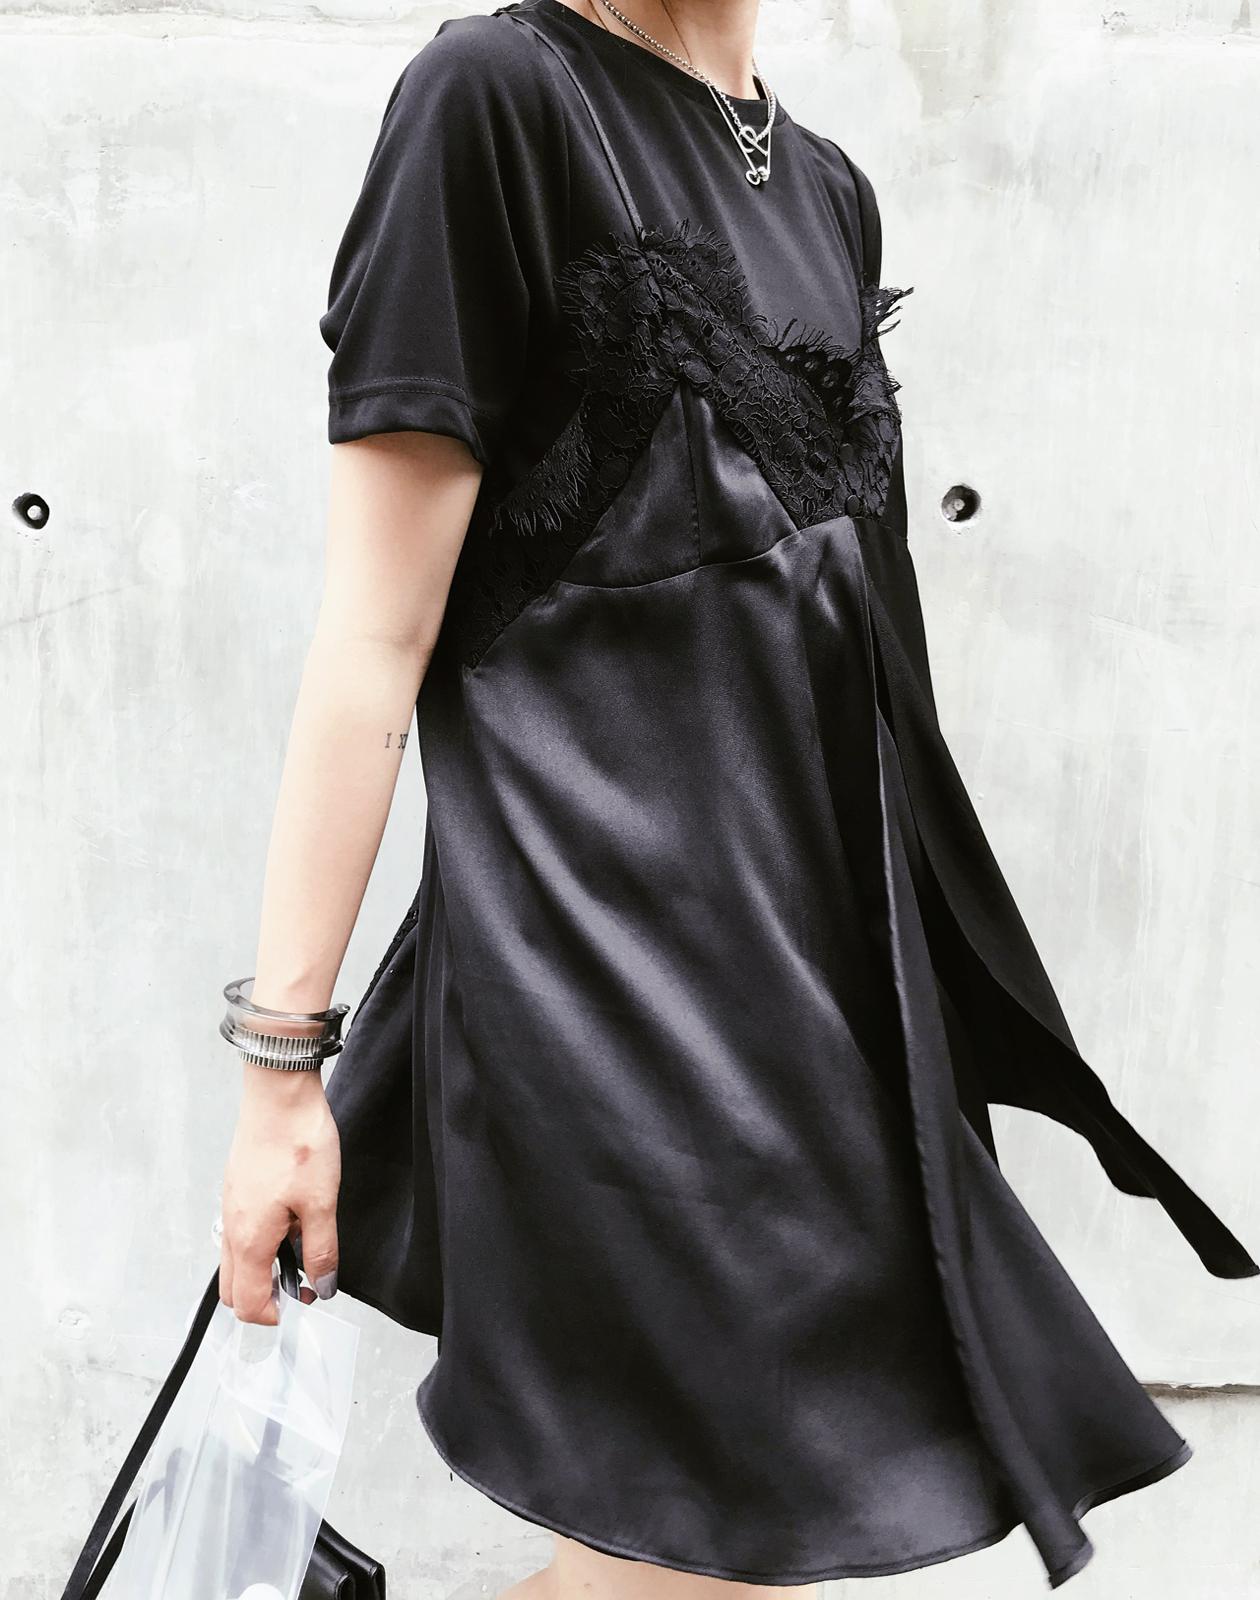 iWiNG 夏季日常小心机性感蕾丝吊带两件套连衣裙小黑裙女新款时髦